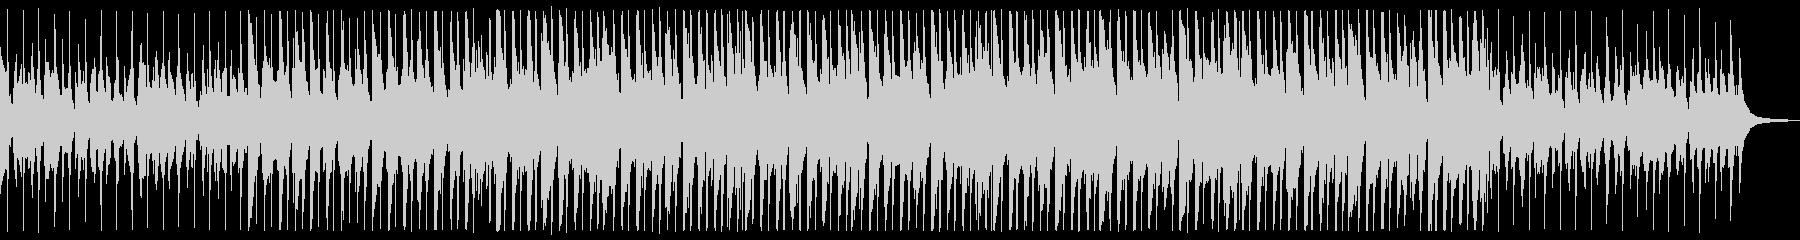 ハッピーなウクレレBGM2の未再生の波形